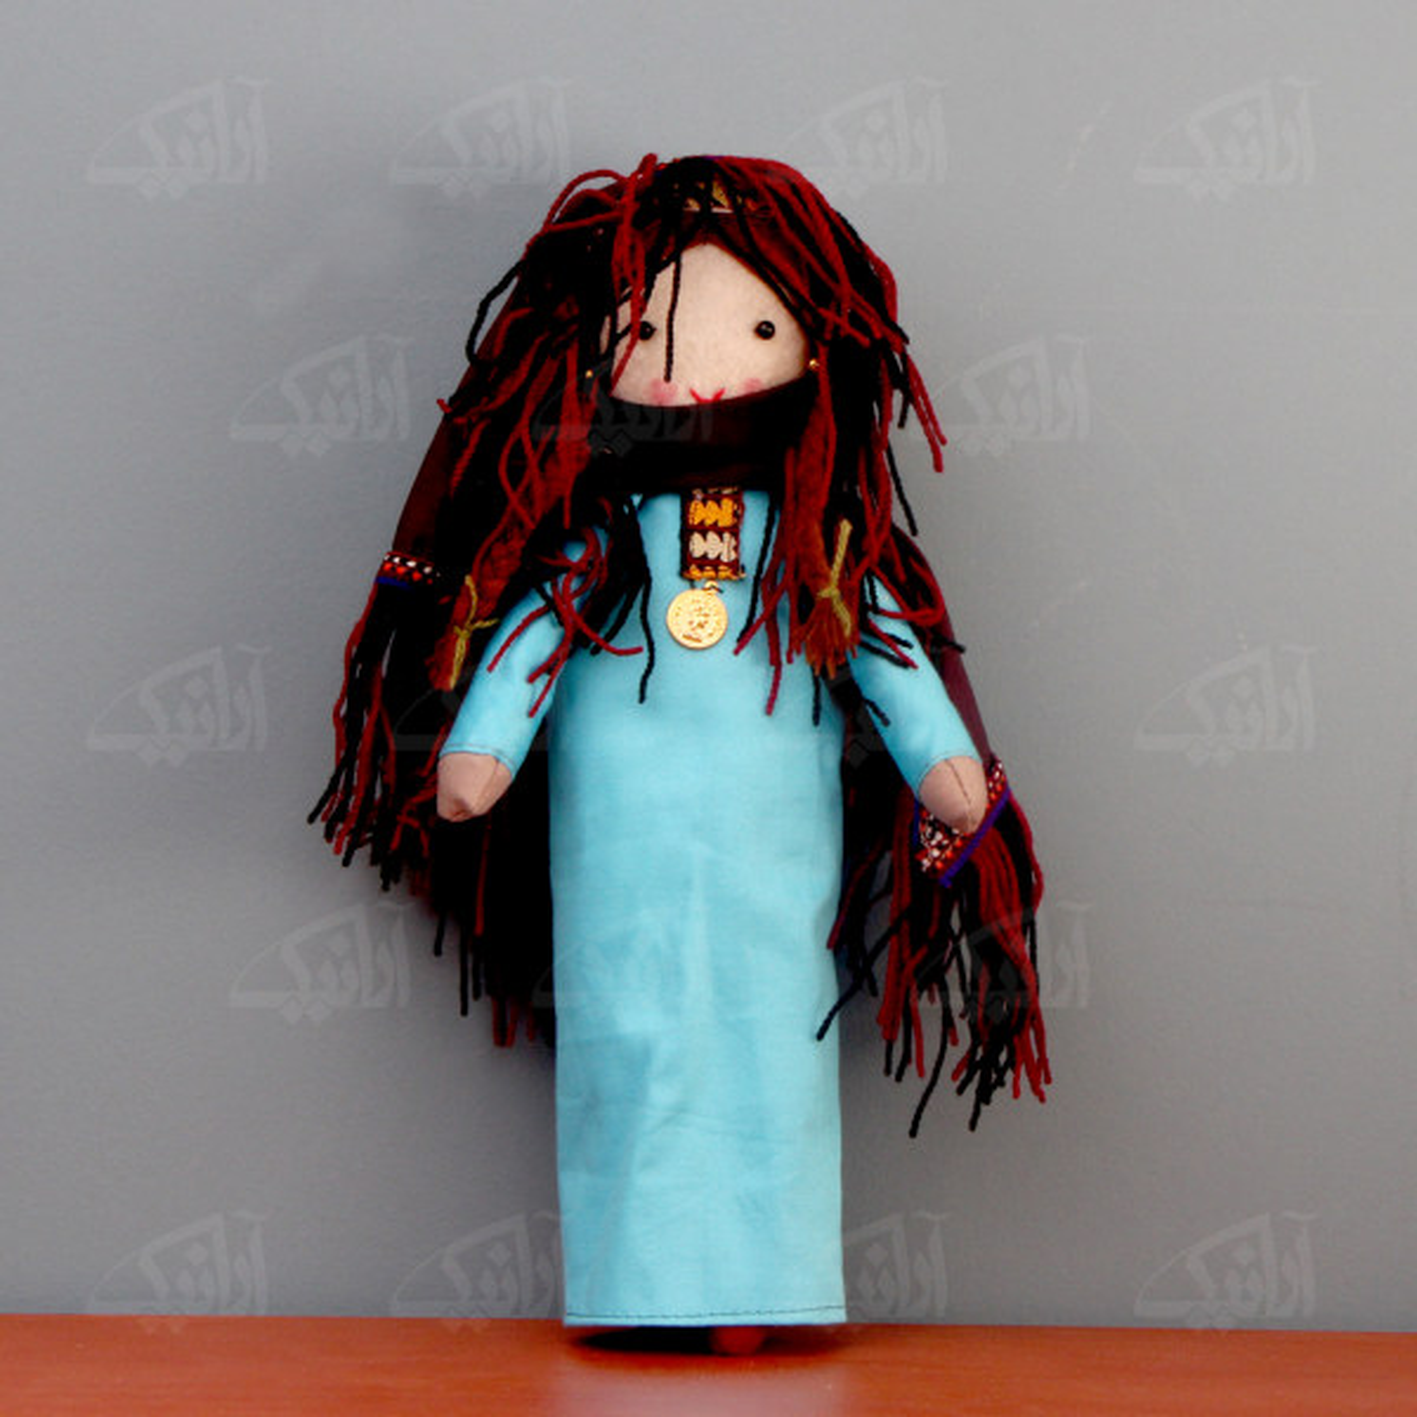 عروسک پارچه ای دست دوز  رنگ آبی طرح بی بی نار مدل 1606800002